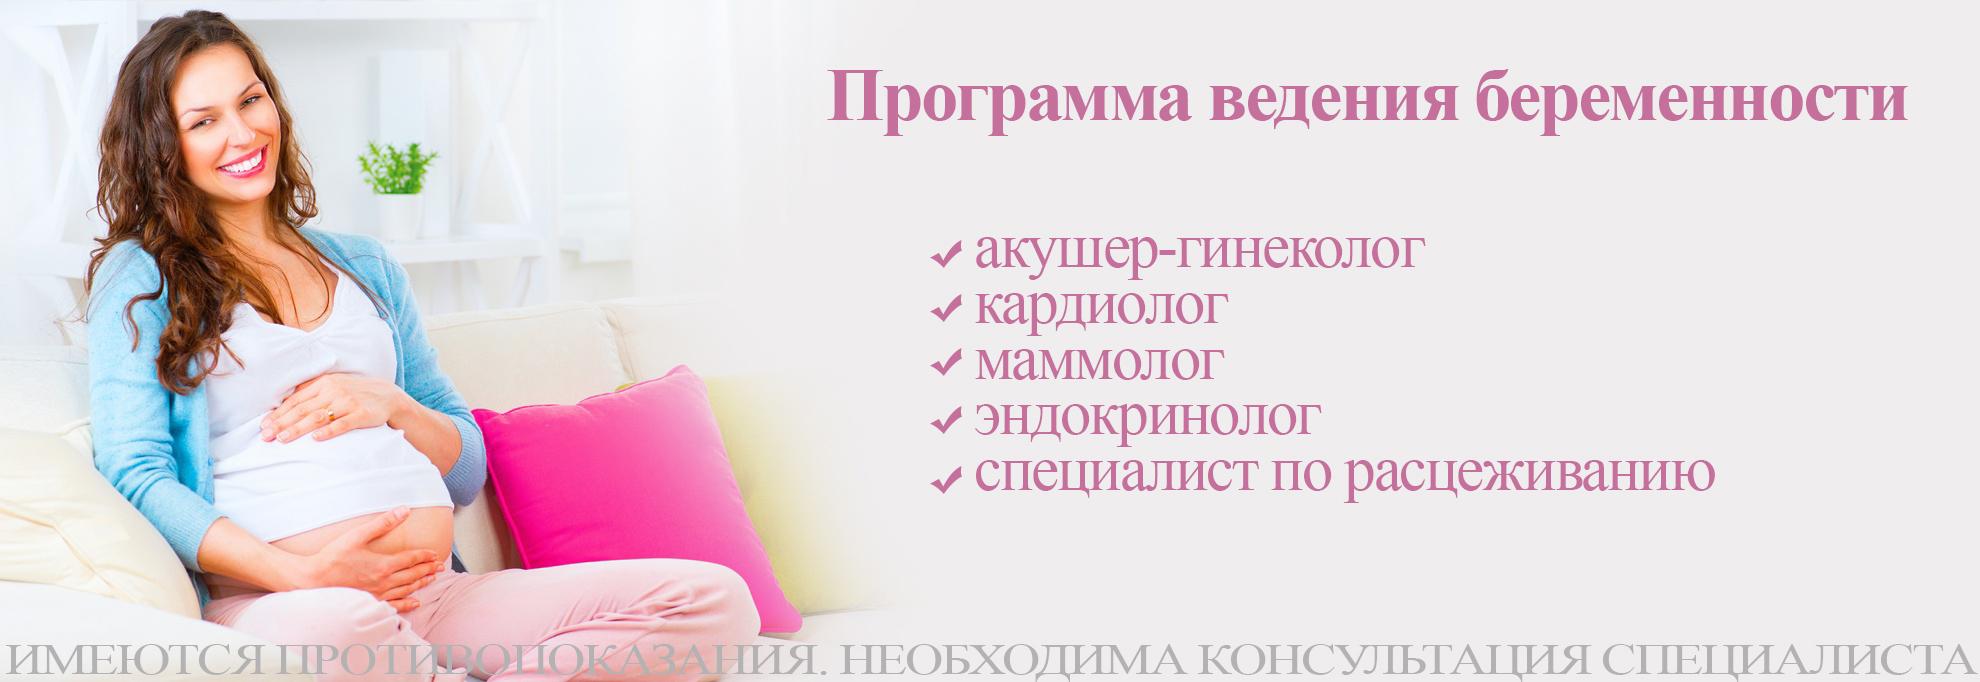 vedenie_beremennosti_rody